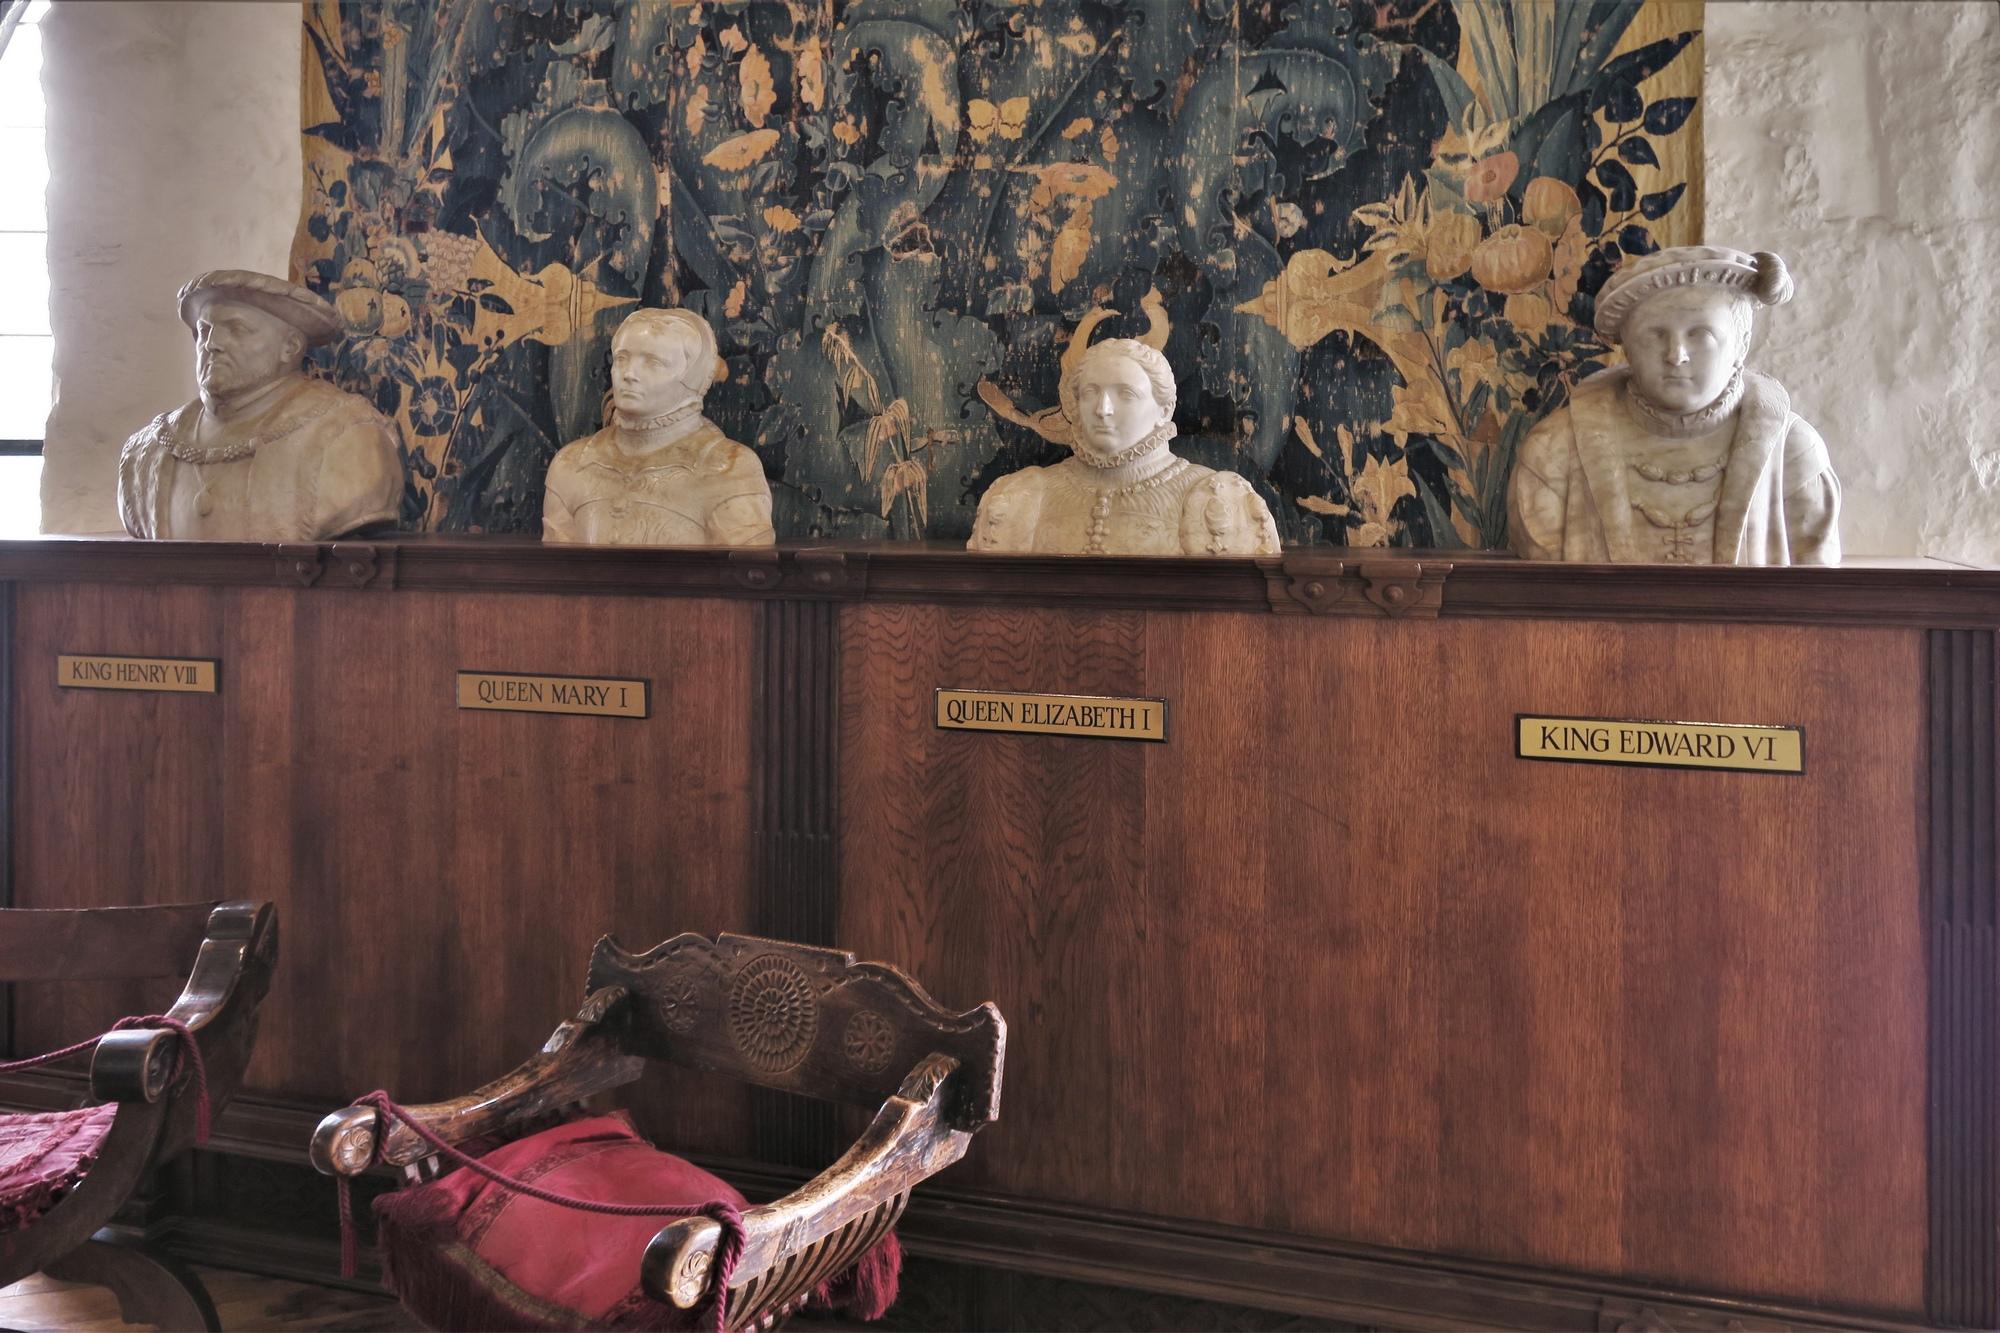 Les 4 bustes des Tudor : Henri VIII et ses 3 enfants. Probabelement le seul groupe de statues contemporaines restant de la dynastie Tudor.